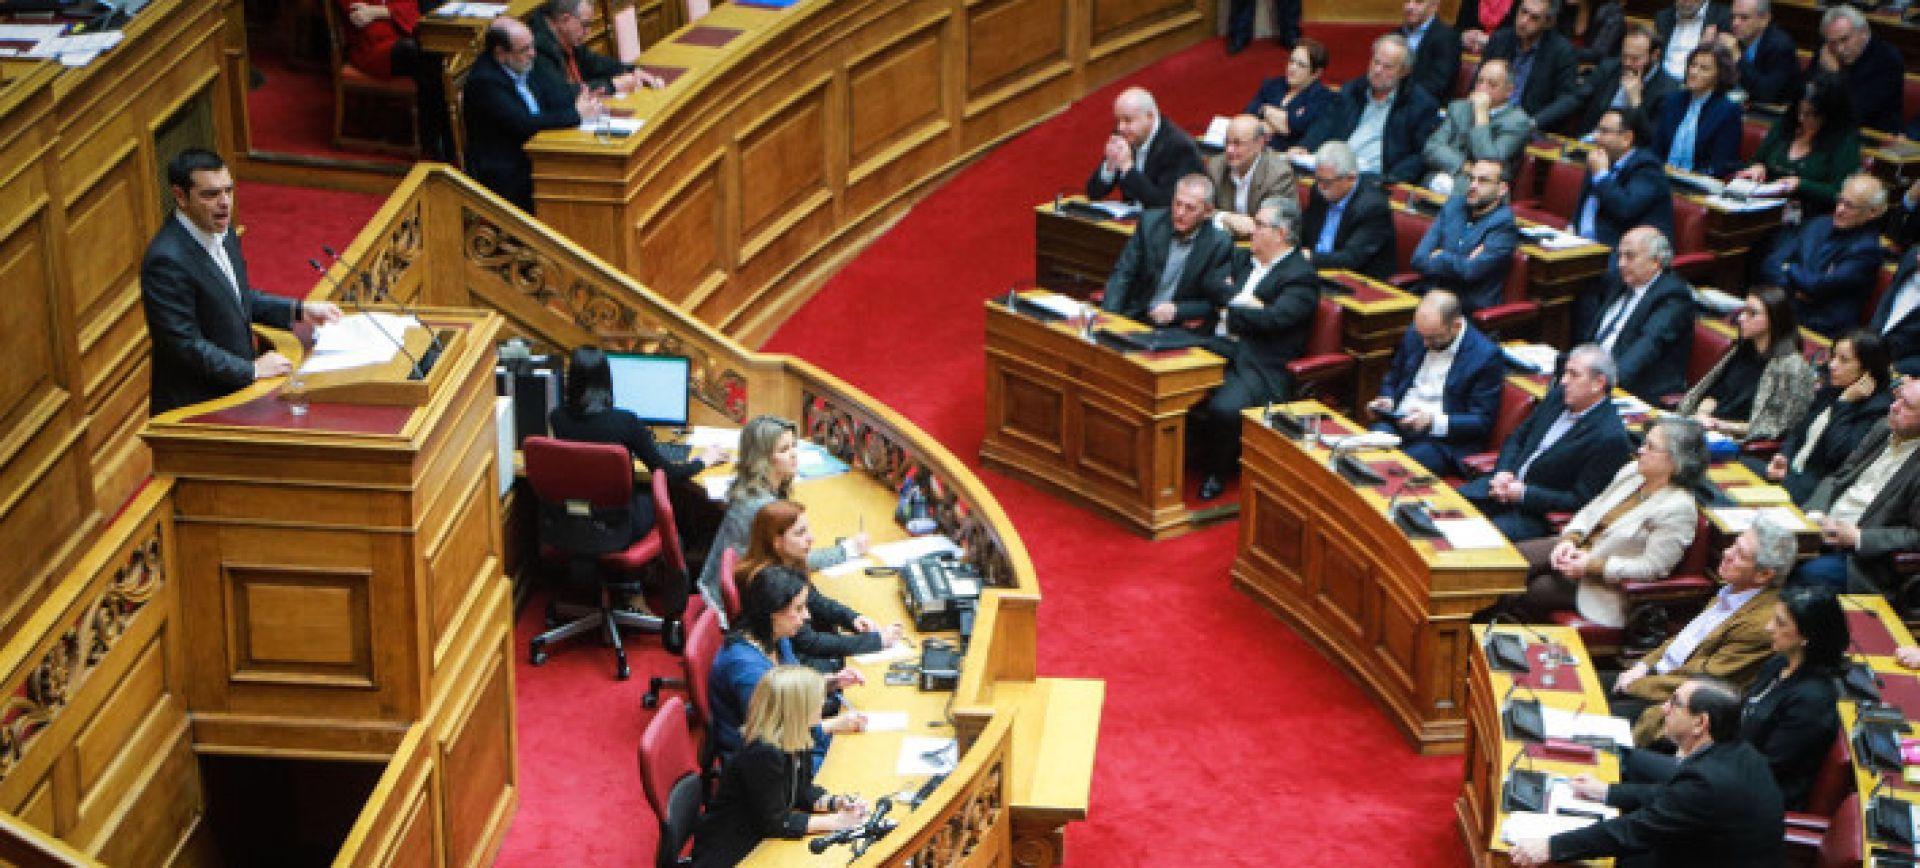 """Τσίπρας: """"Καλωσορίζω την Βόρεια Μακεδονία""""- Με 153 """"ναι"""" ψηφίστηκε η ένταξη στο ΝΑΤΟ"""